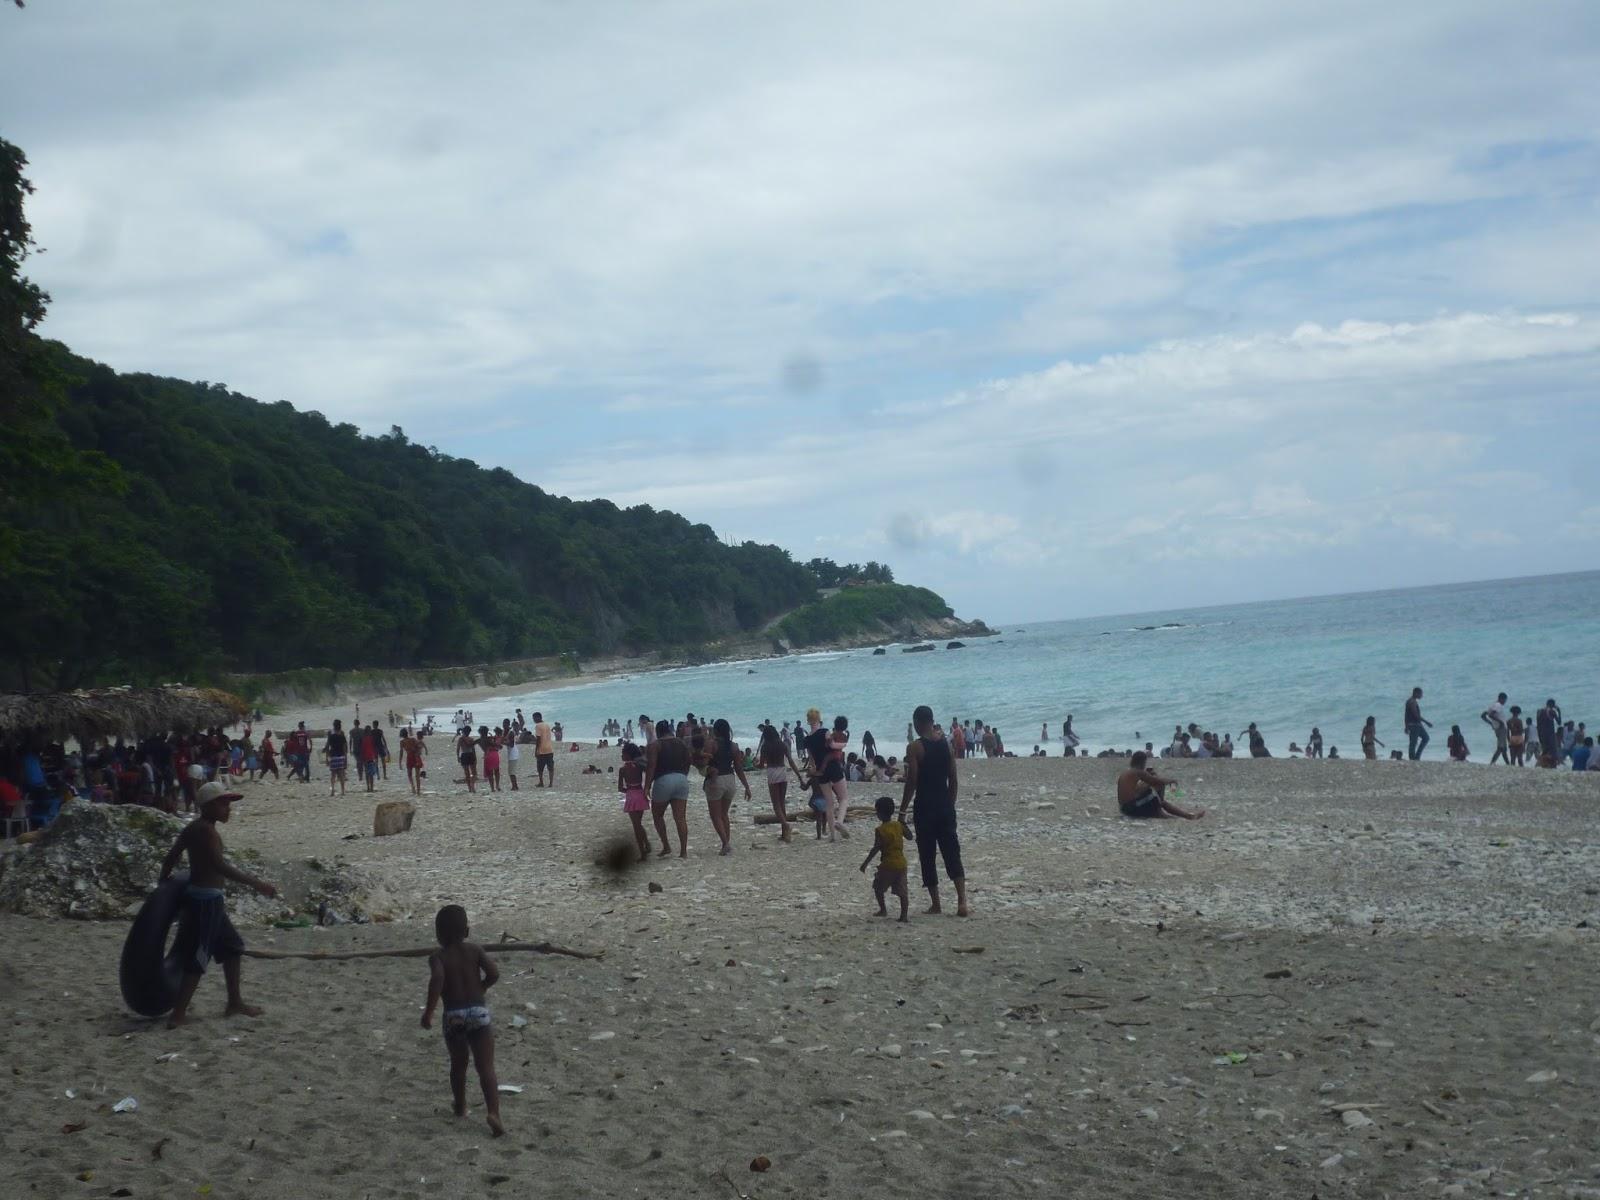 Miles de personas exponen sus vidas al desafiar la potente  playa la que no tiene personal de  primeros auxilios